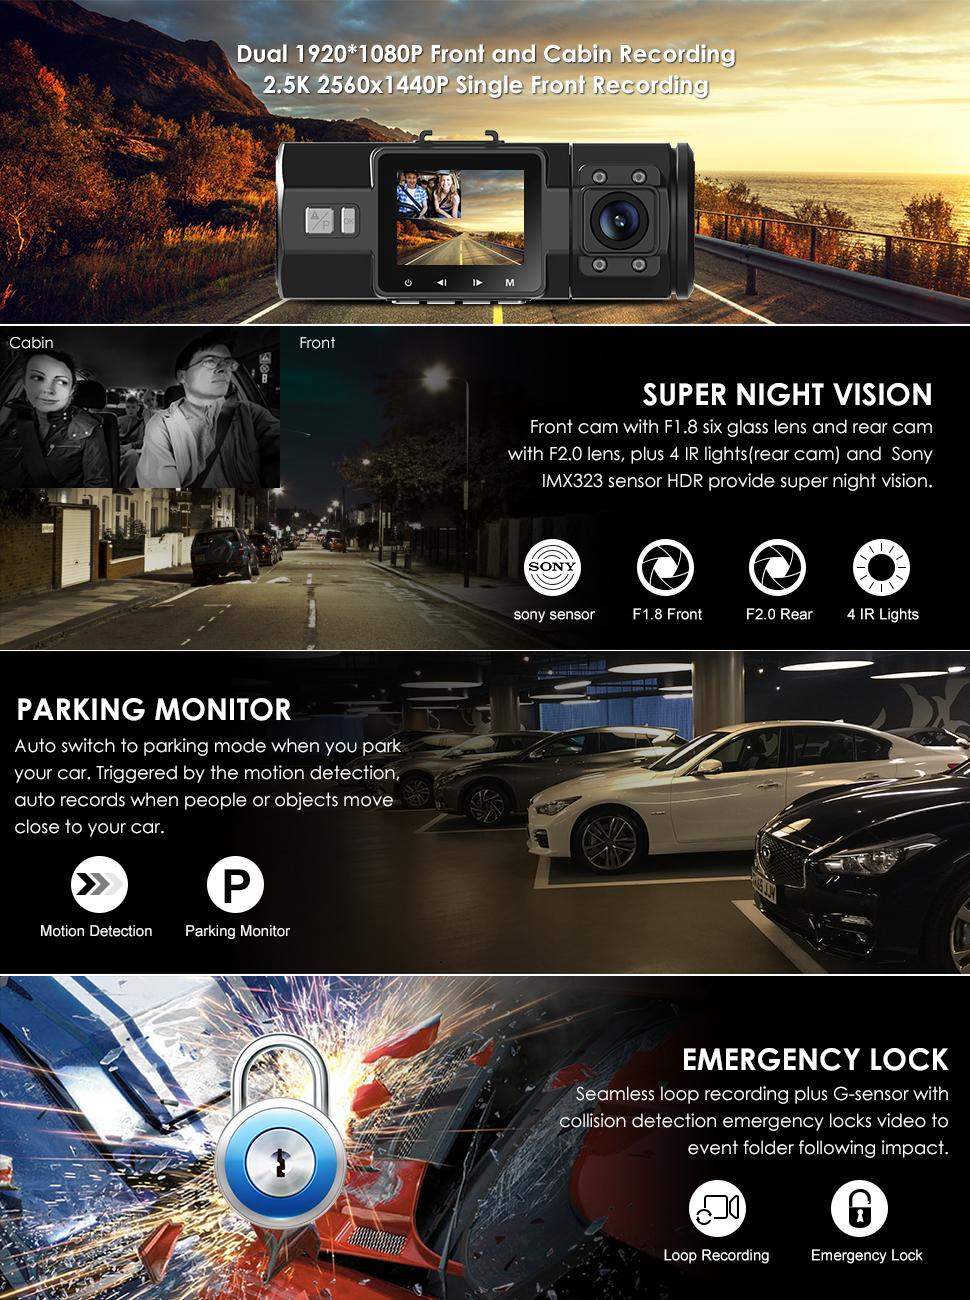 Vantrue N2 Pro Dual Dash Cam 25k 1440p 30fps 1080p 60fps Front Evo 8 Fuse Box Product Description